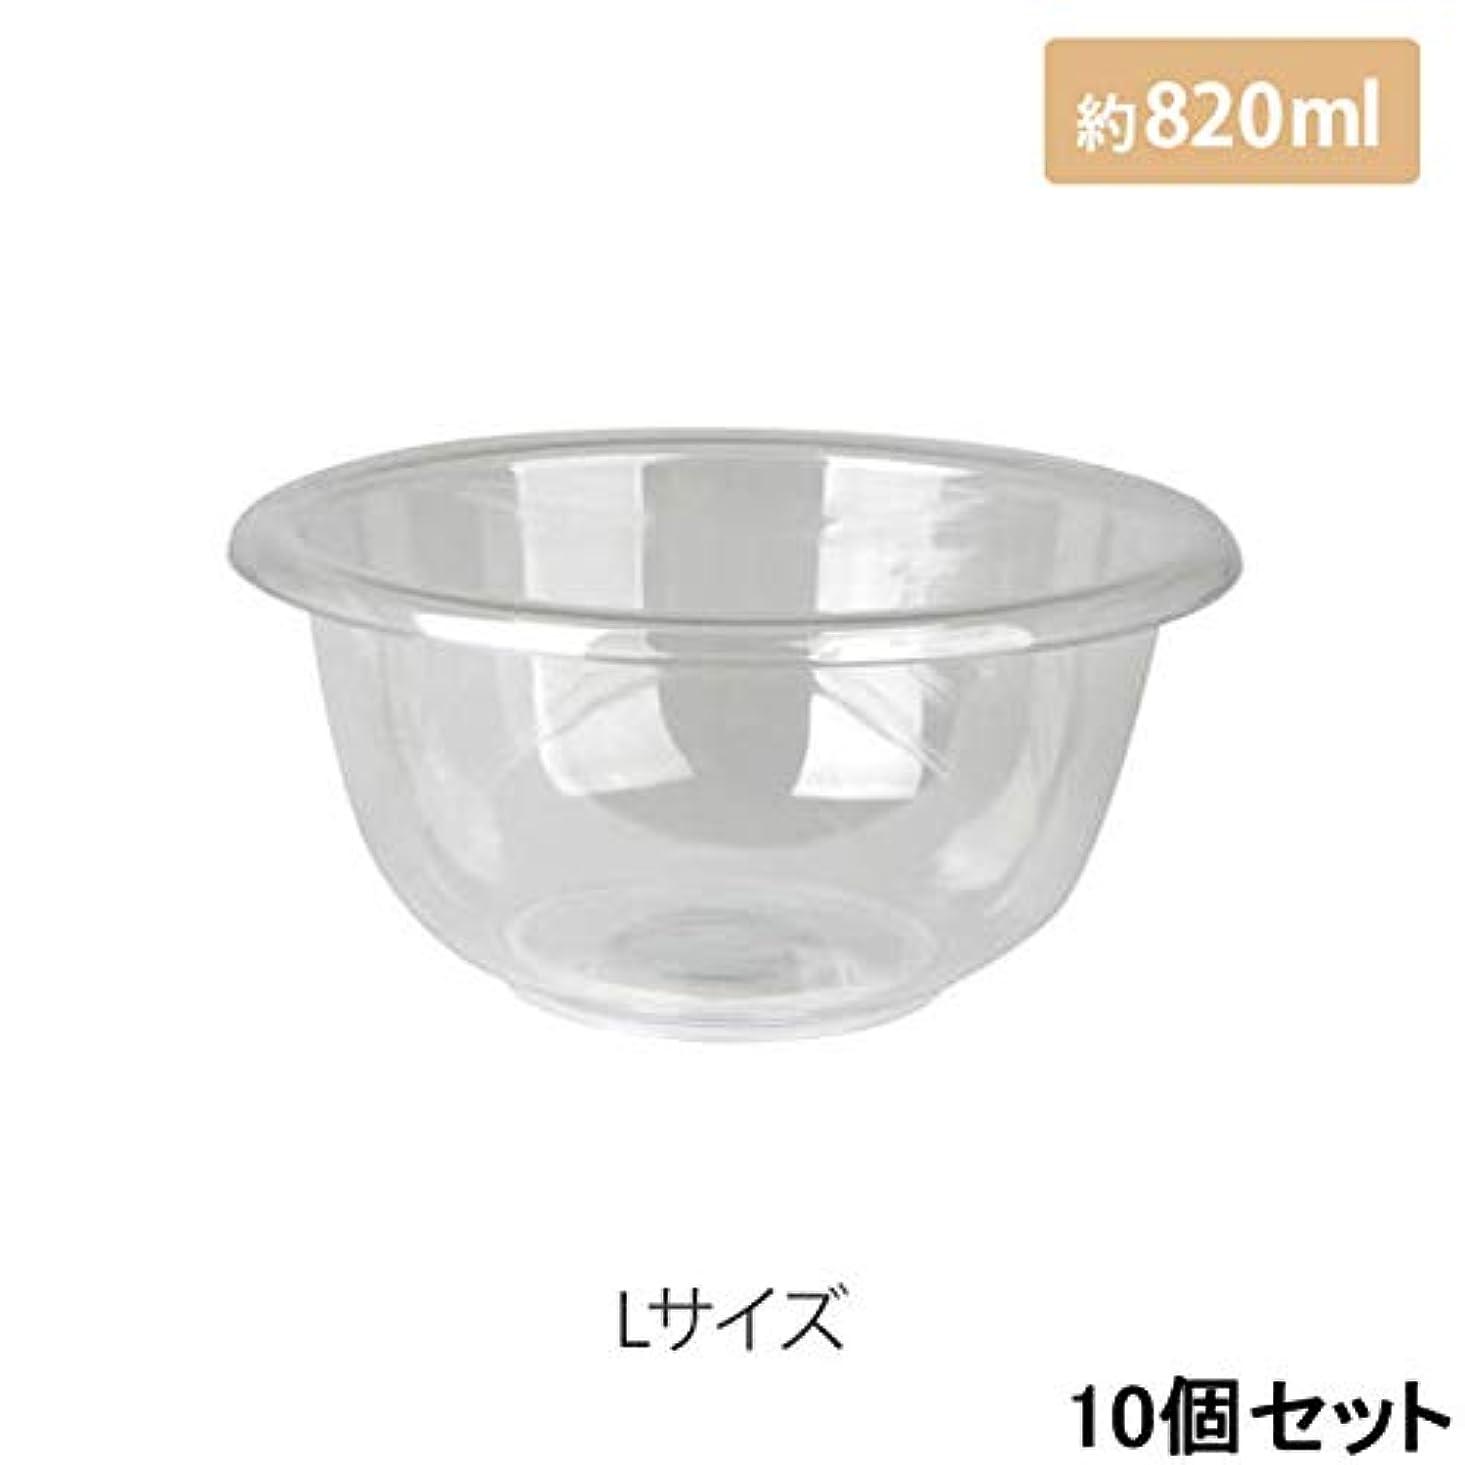 させるあご瞑想マイスター プラスティックボウル (Lサイズ) クリア 直径19.5cm (10個セット) [ プラスチックボール カップボウル カップボール エステ サロン プラスチック ボウル カップ 割れない ]